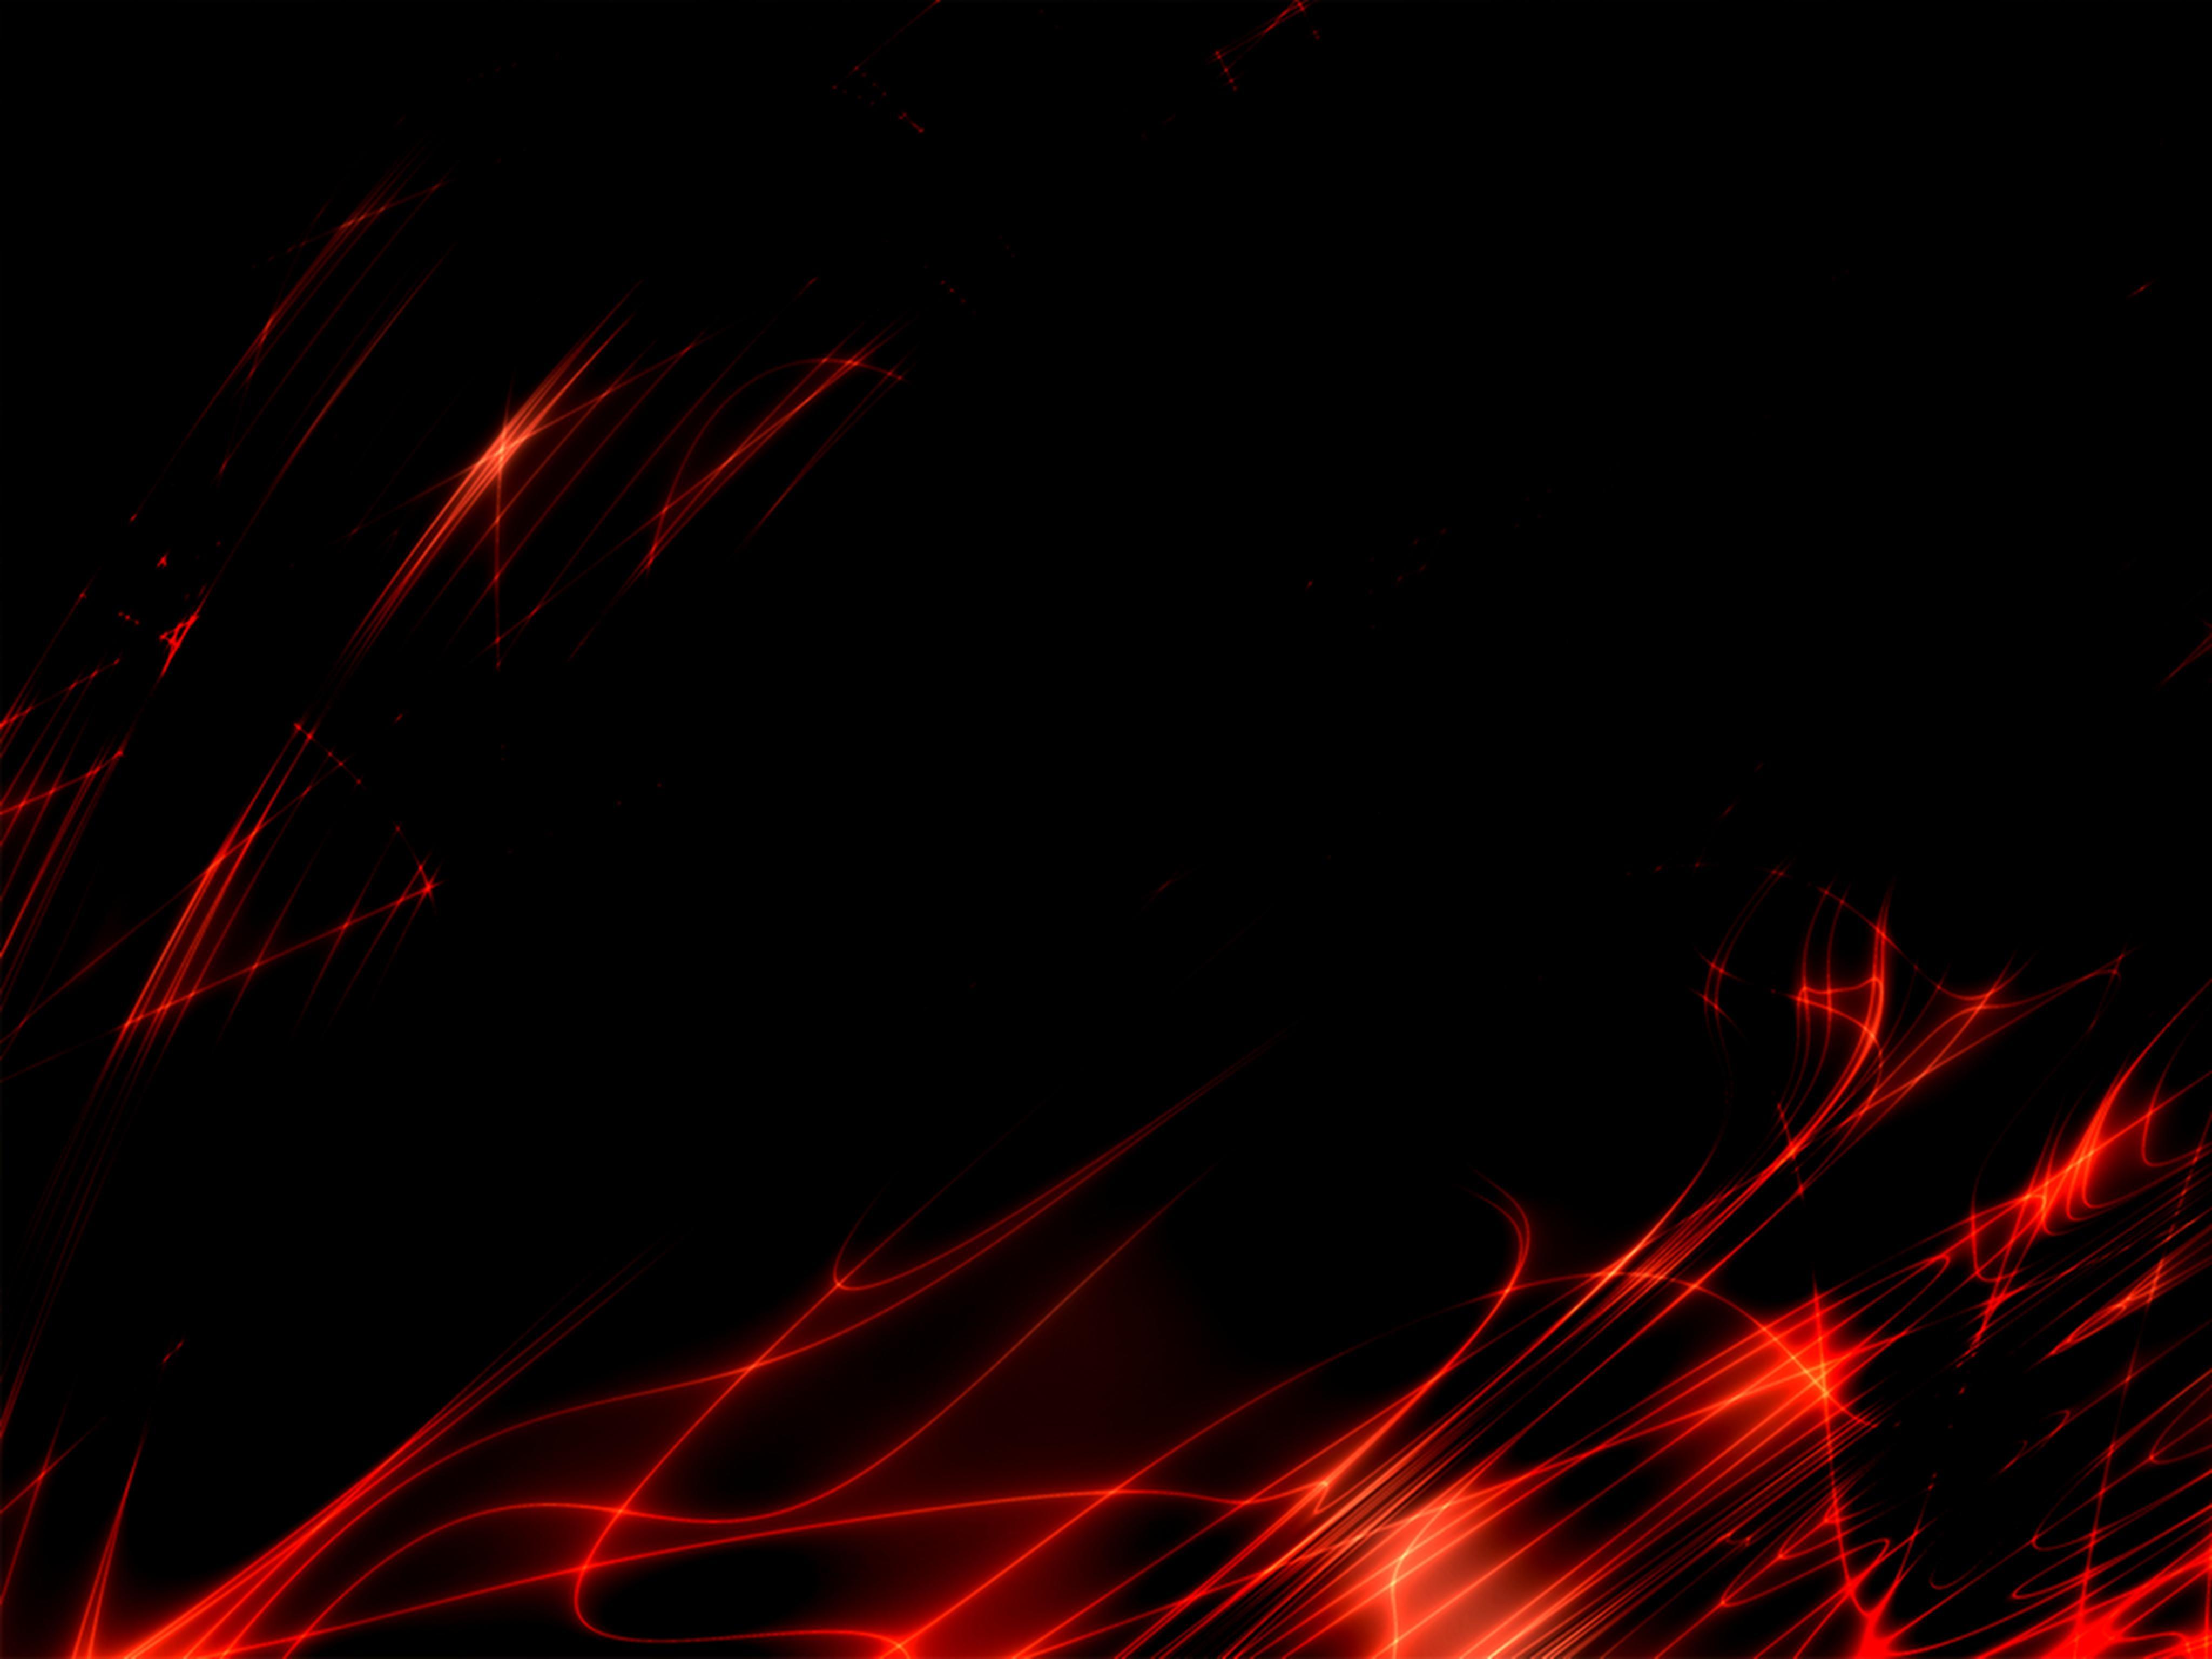 77974 скачать обои Черный, Абстракция, Красный, Линии, Блеск - заставки и картинки бесплатно